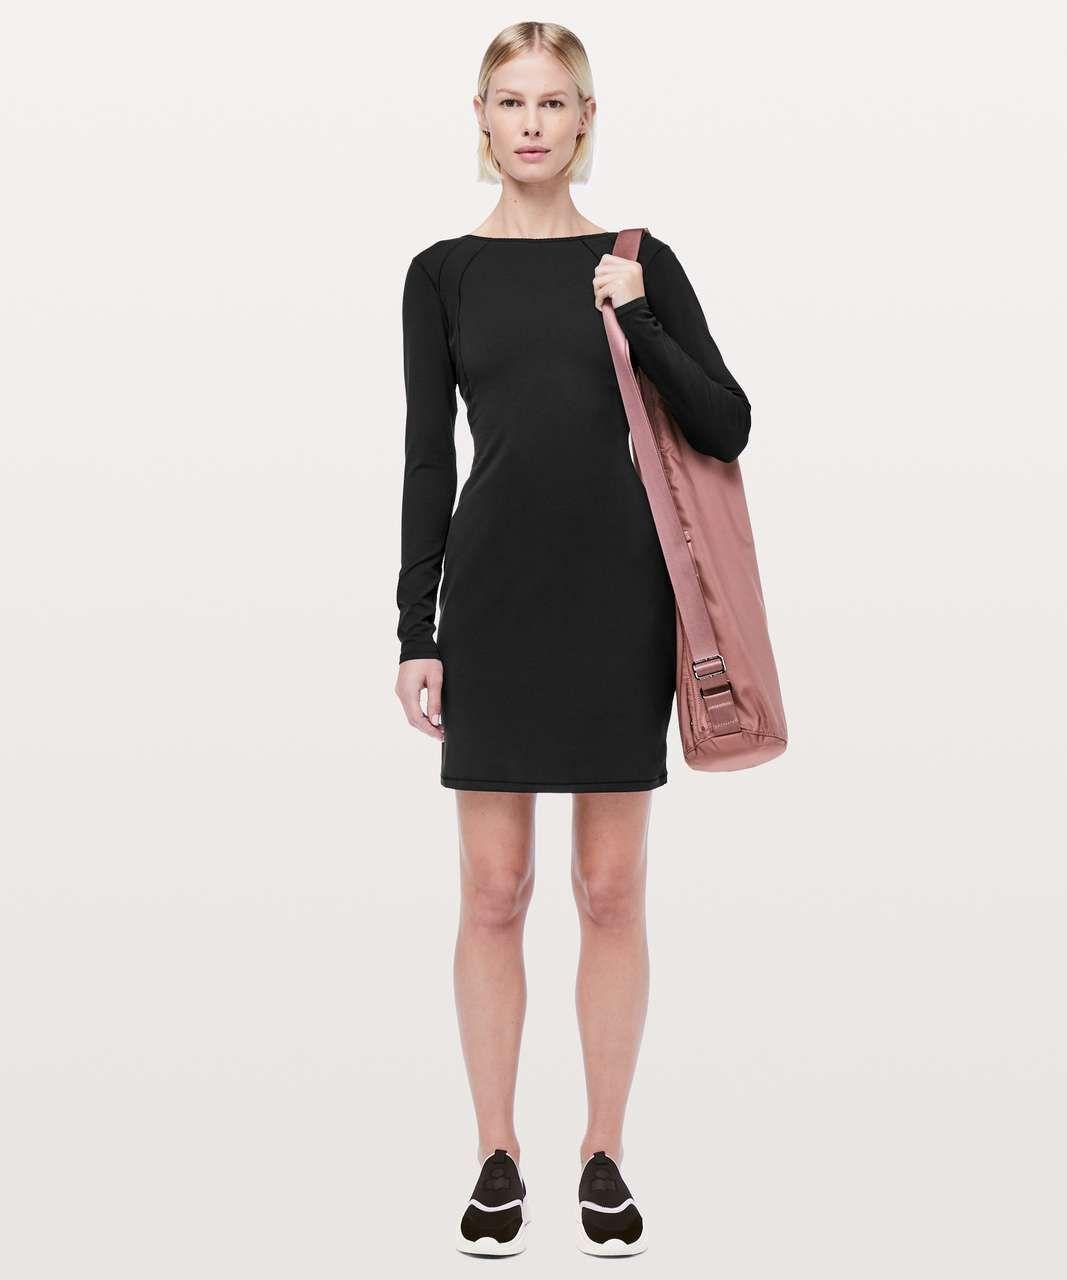 882fe580a Lululemon Contour Dress  Nulu - Black in 2019